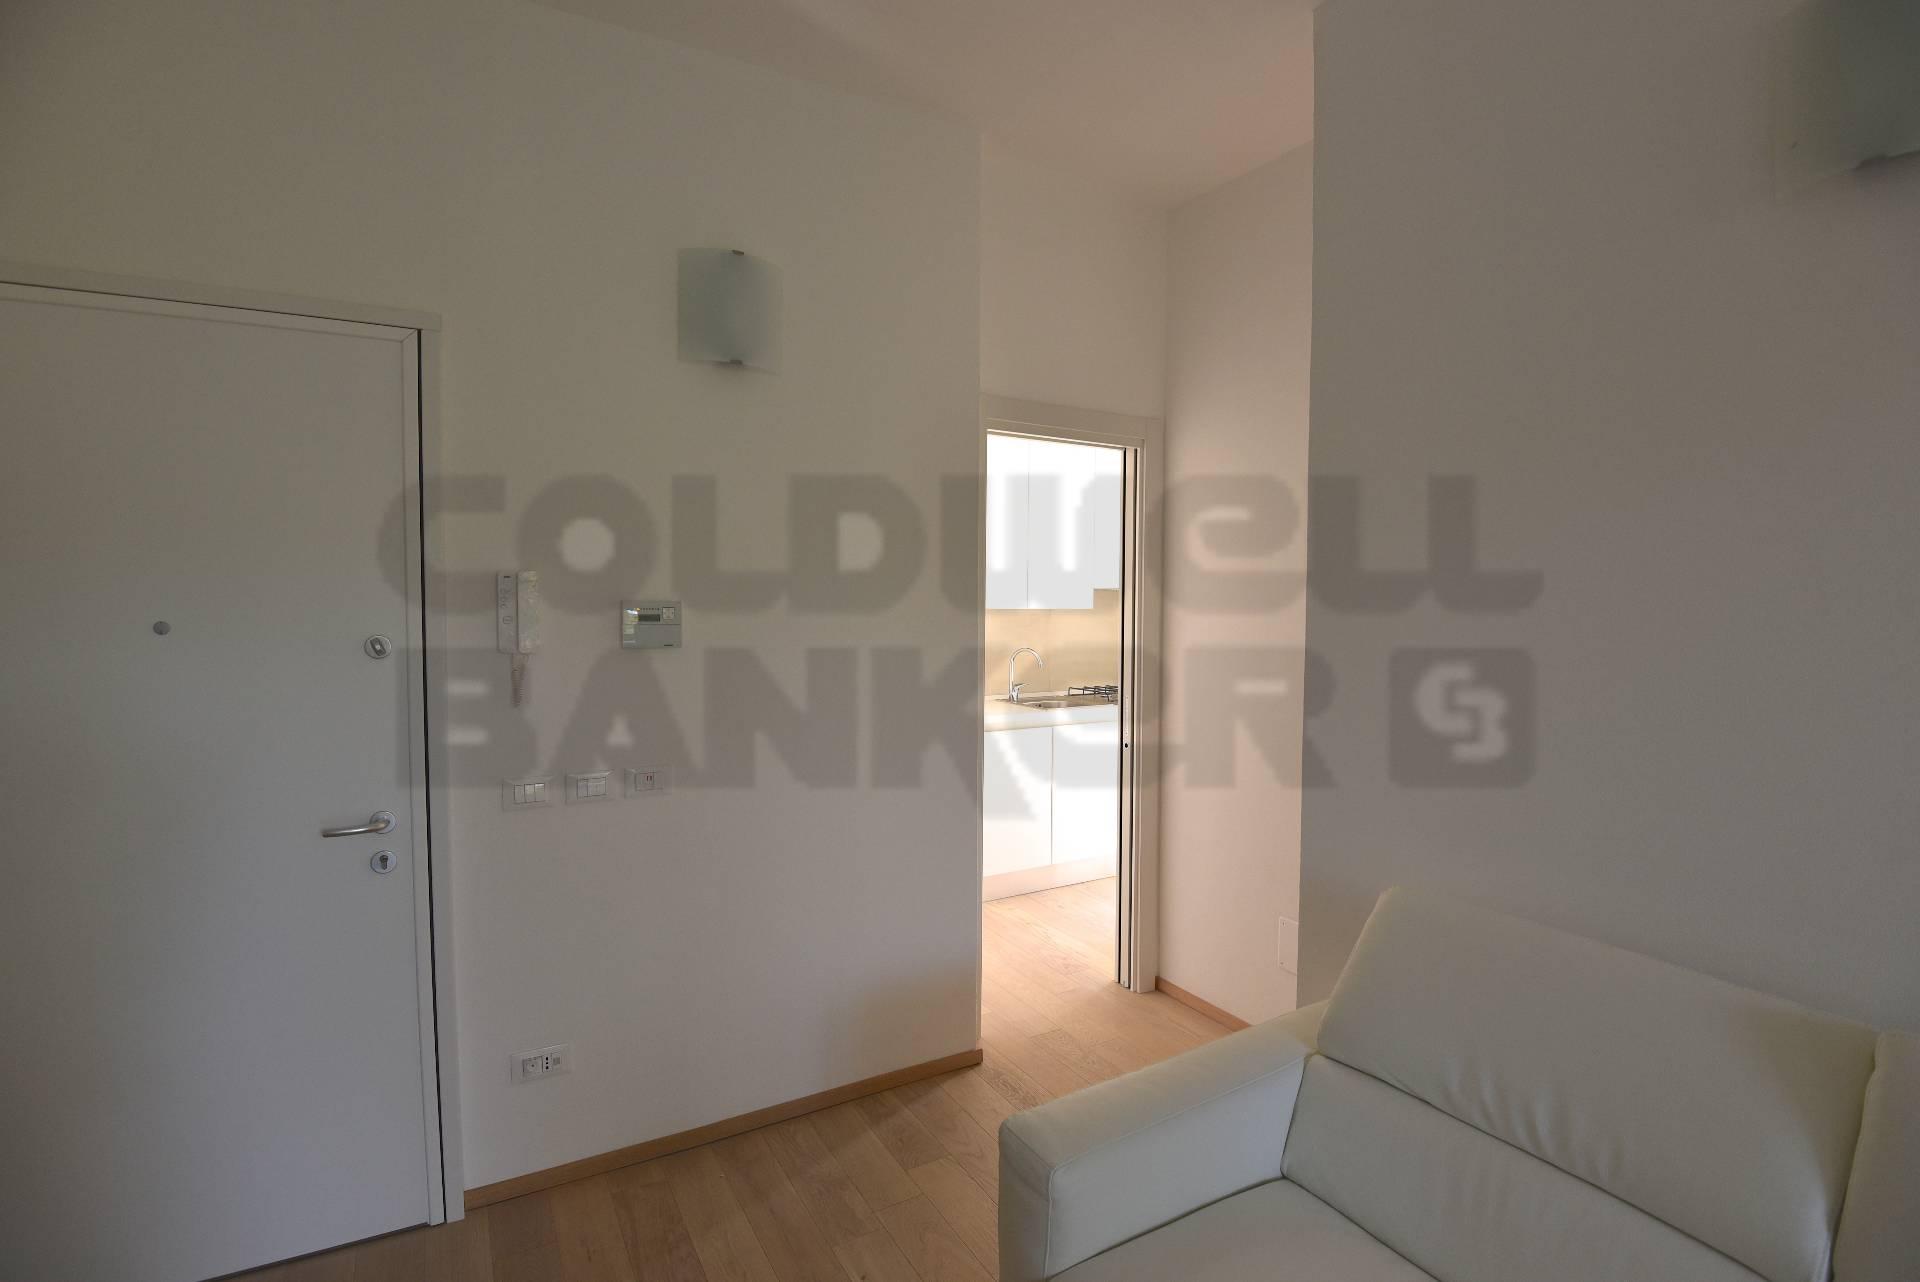 Appartamento in Vendita a Cervia: 4 locali, 73 mq - Foto 7